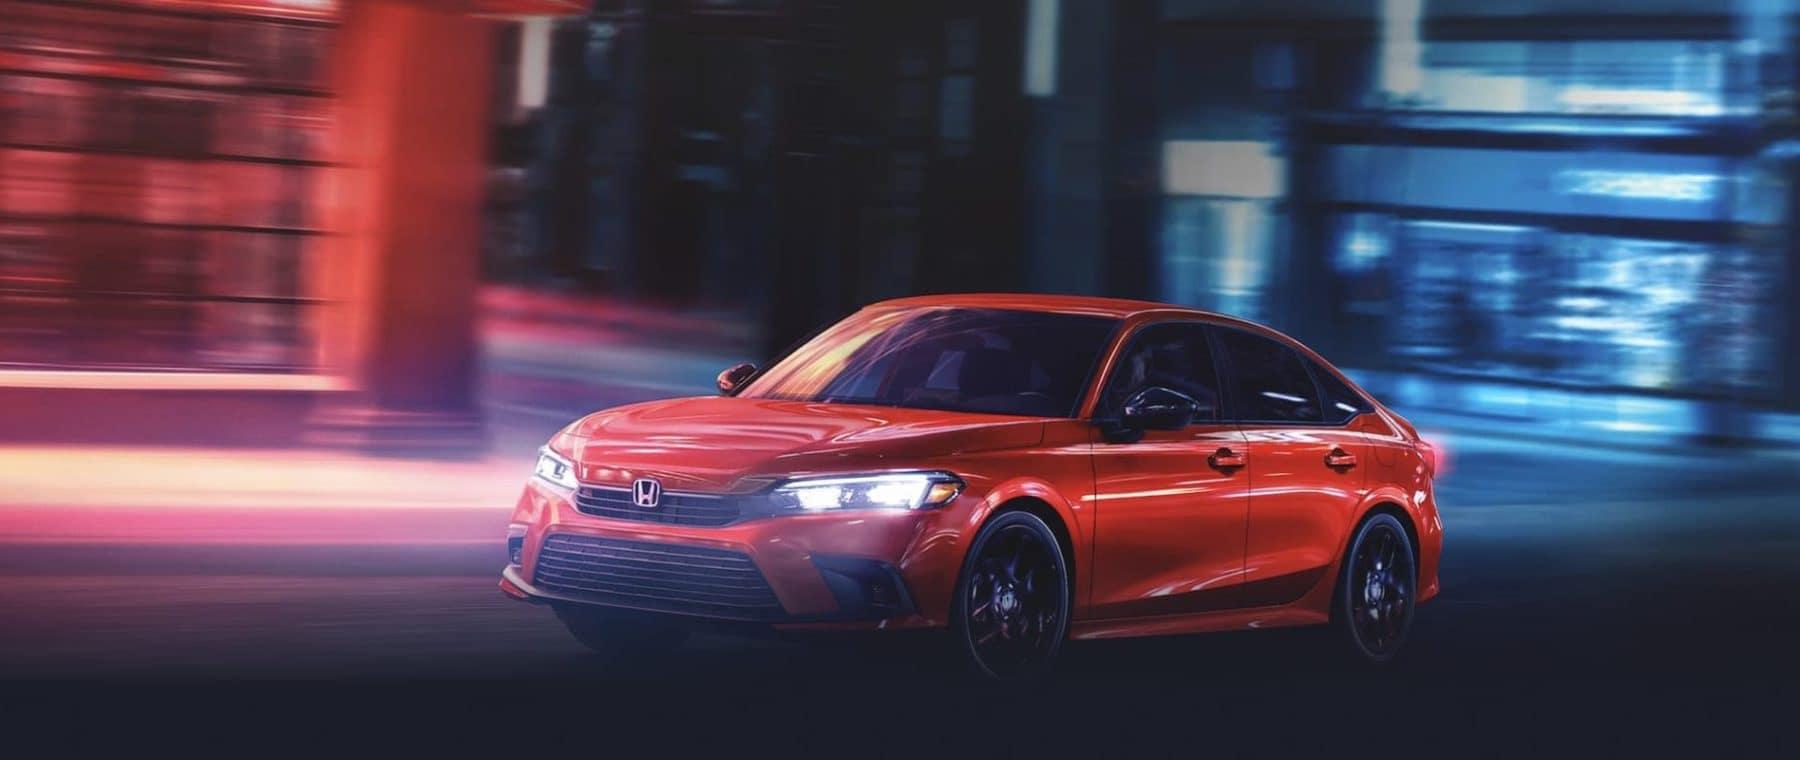 Red Honda vehicle driving at night